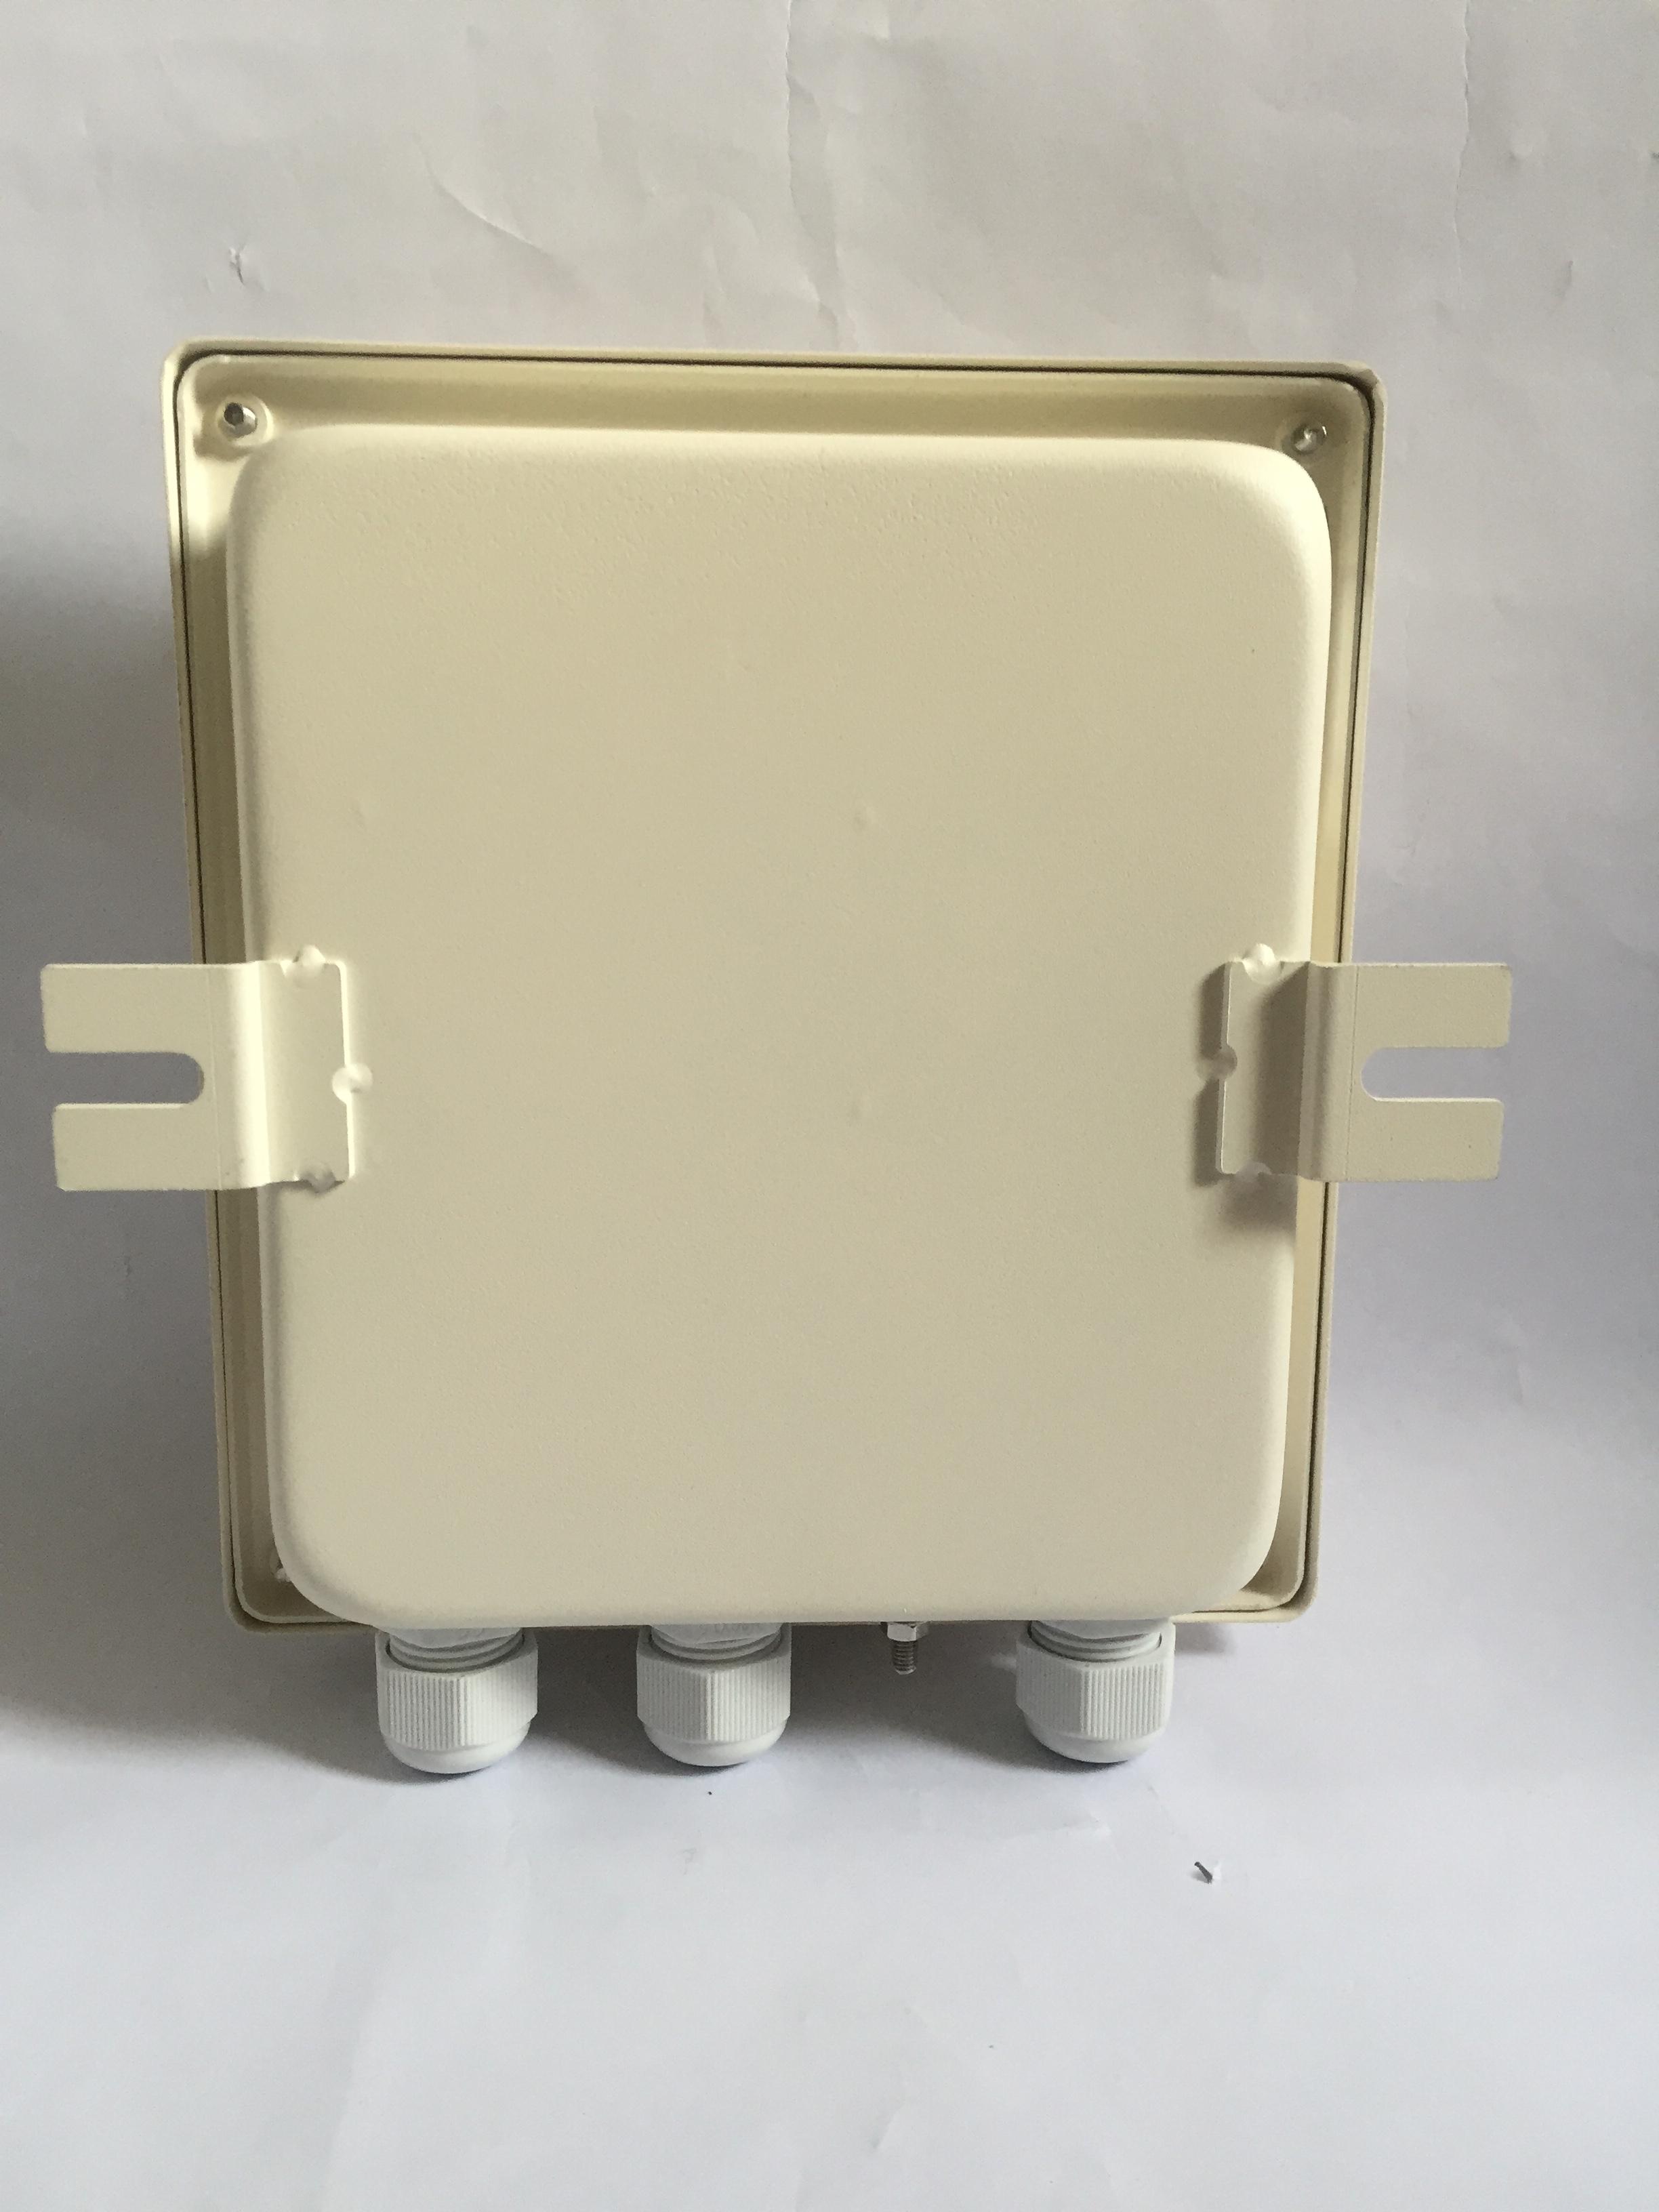 海湾GST GST-INET-04 RS485 环型联网接口卡 现货